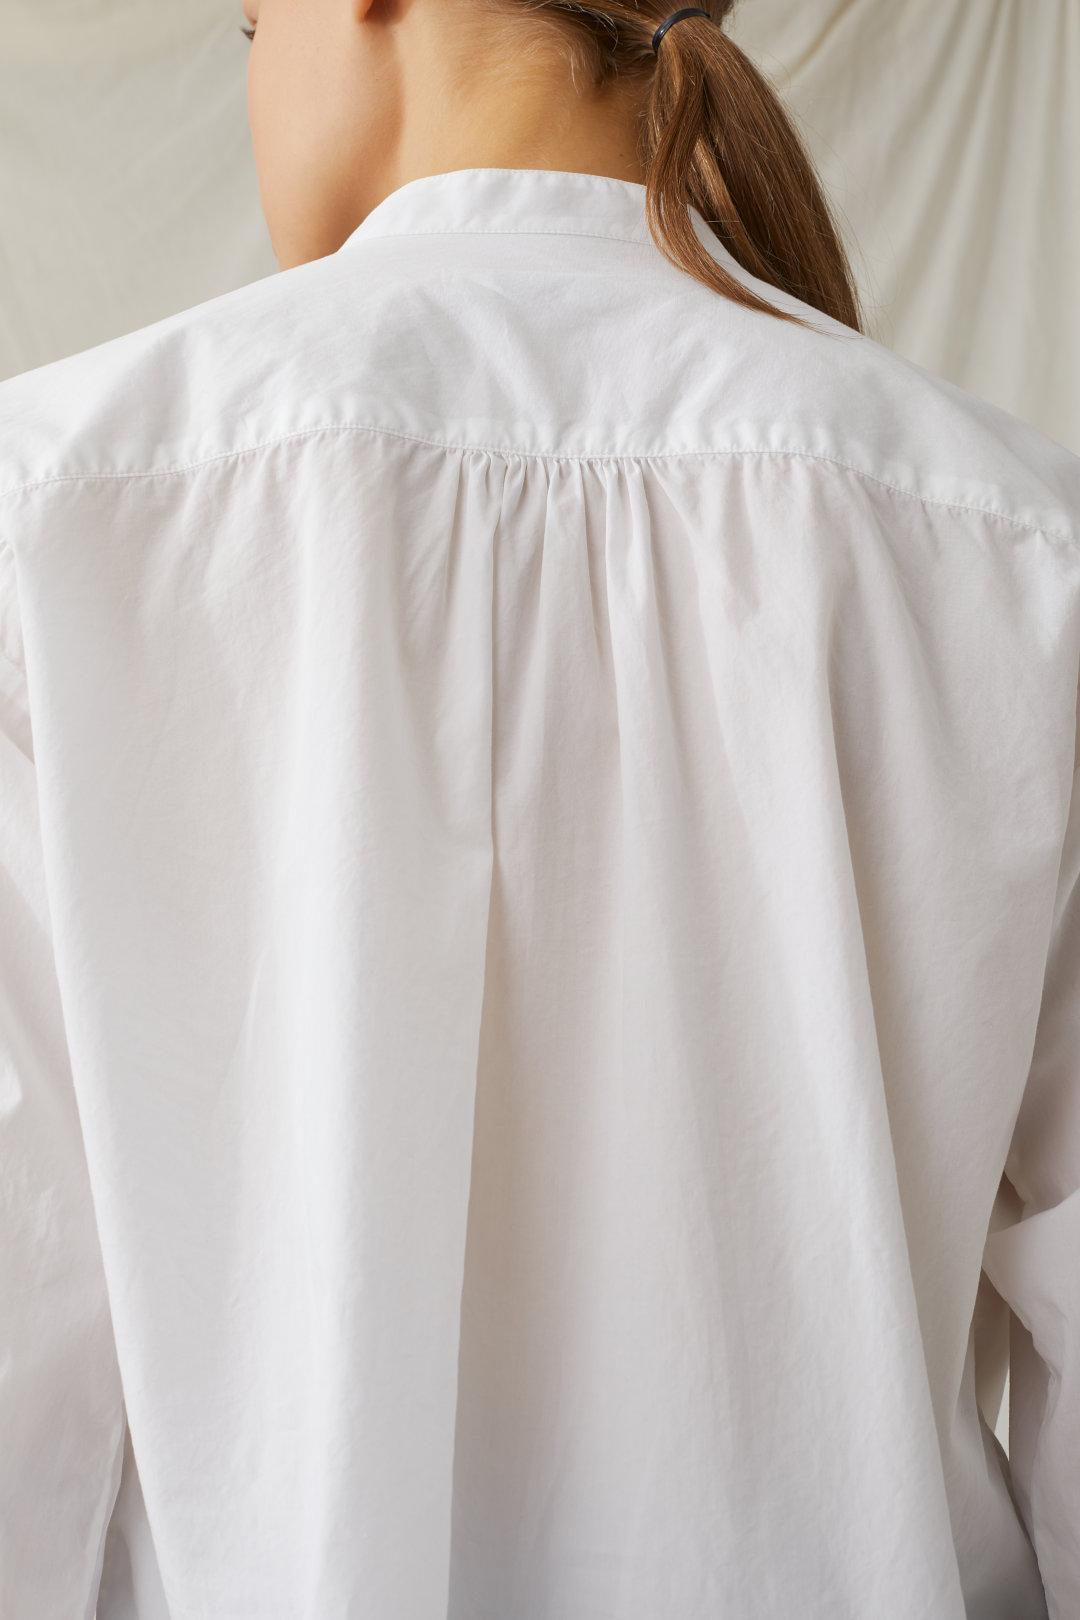 Nya  blouse - Closed